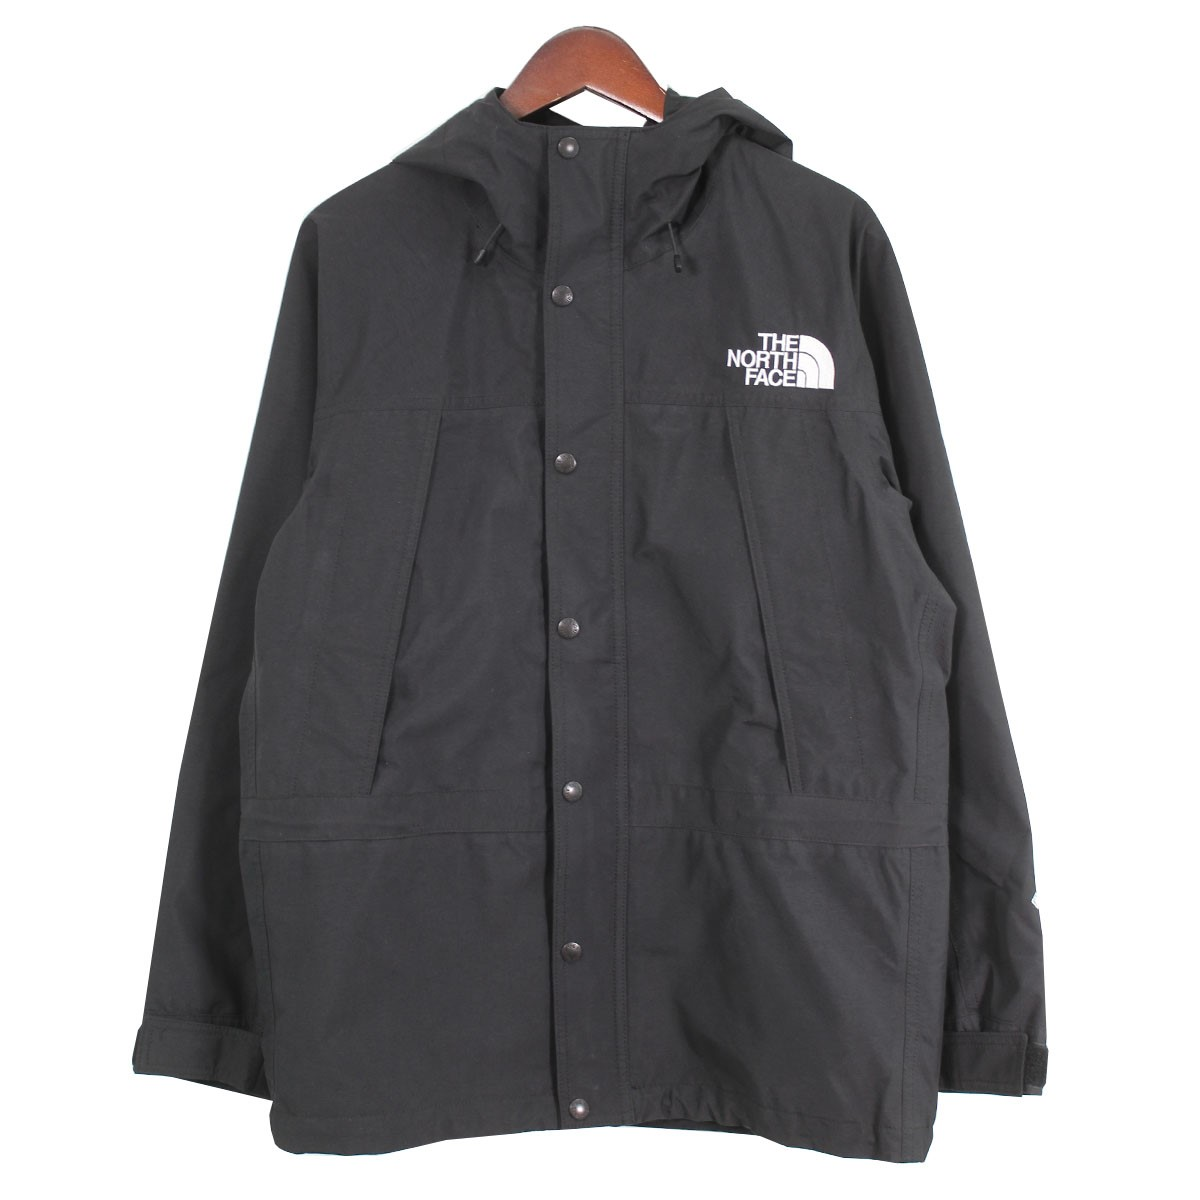 【中古】THE NORTH FACE MOUNTAIN LIGHT JACKET GORE-TEXジャケット ブラック サイズ:S 【150420】(ザノースフェイス)